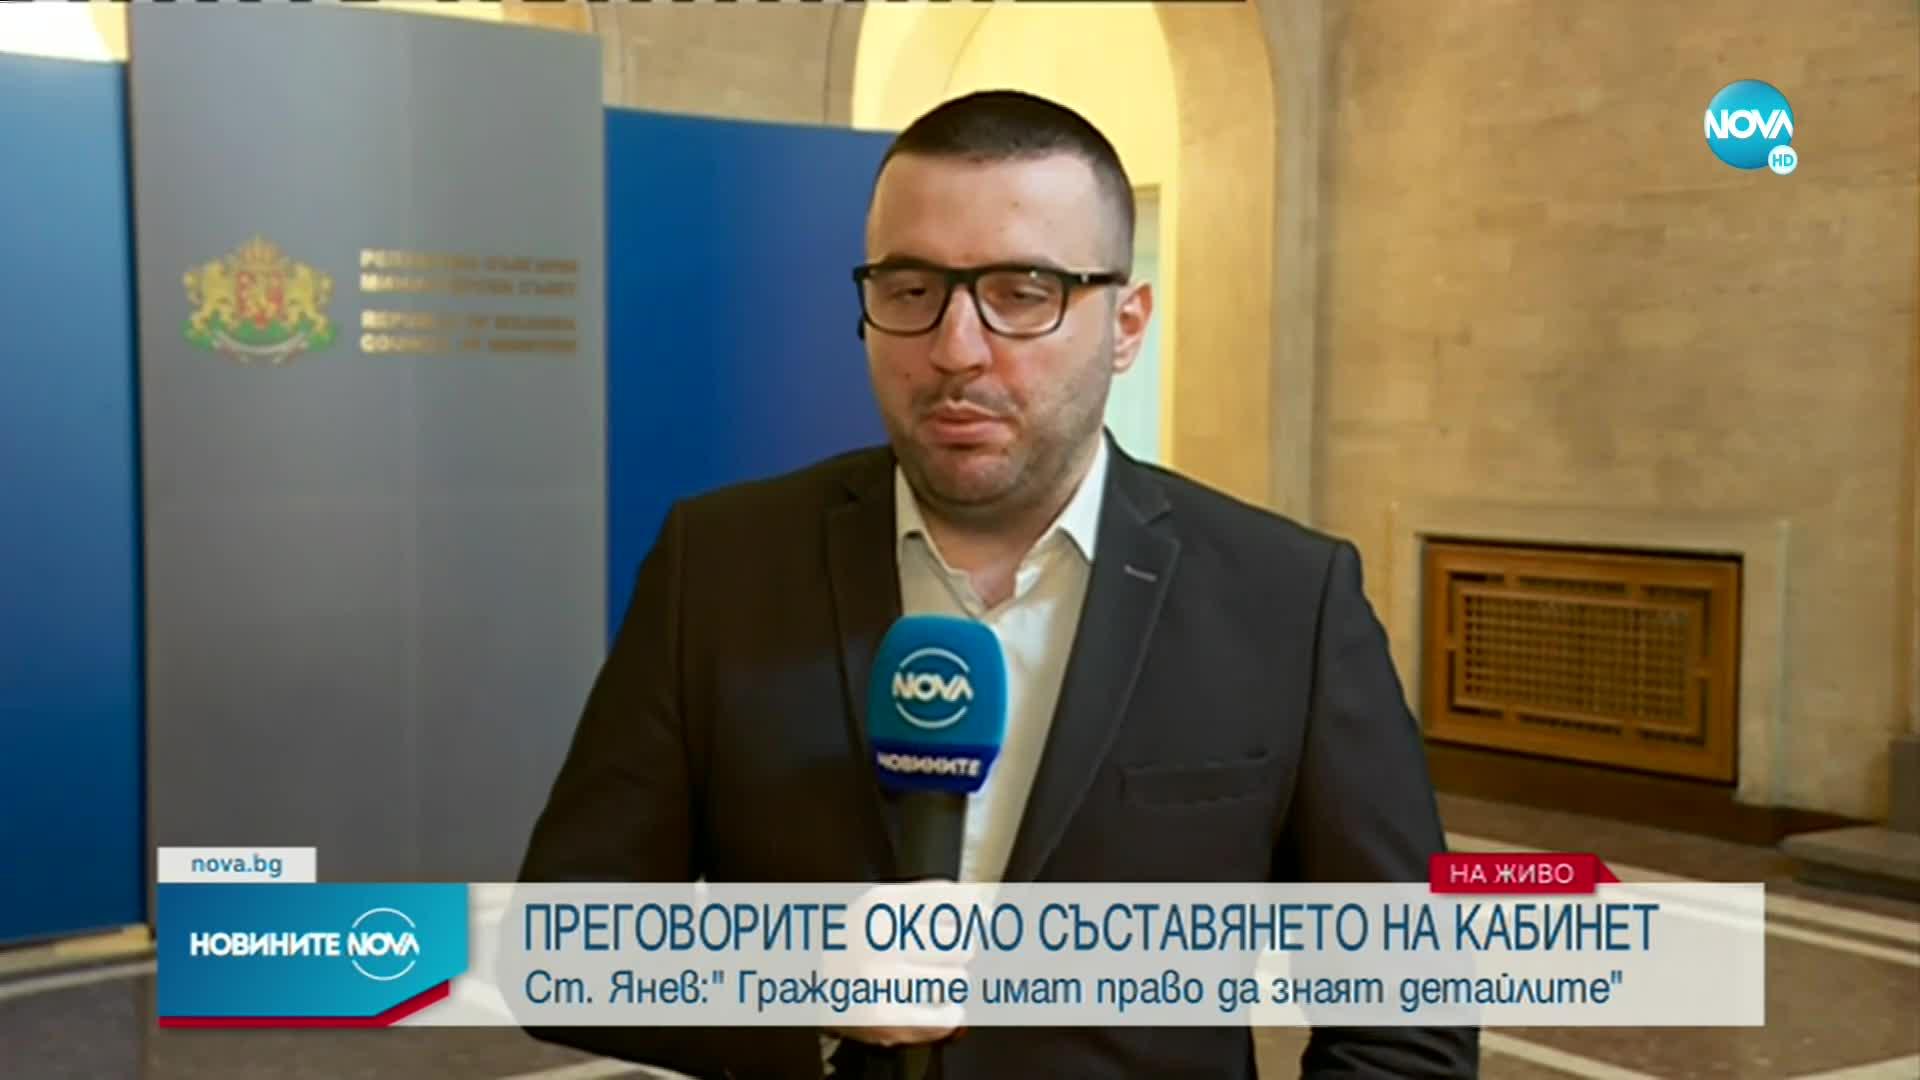 Янев: Хората имат право да знаят кой определя постовете в новия кабинет